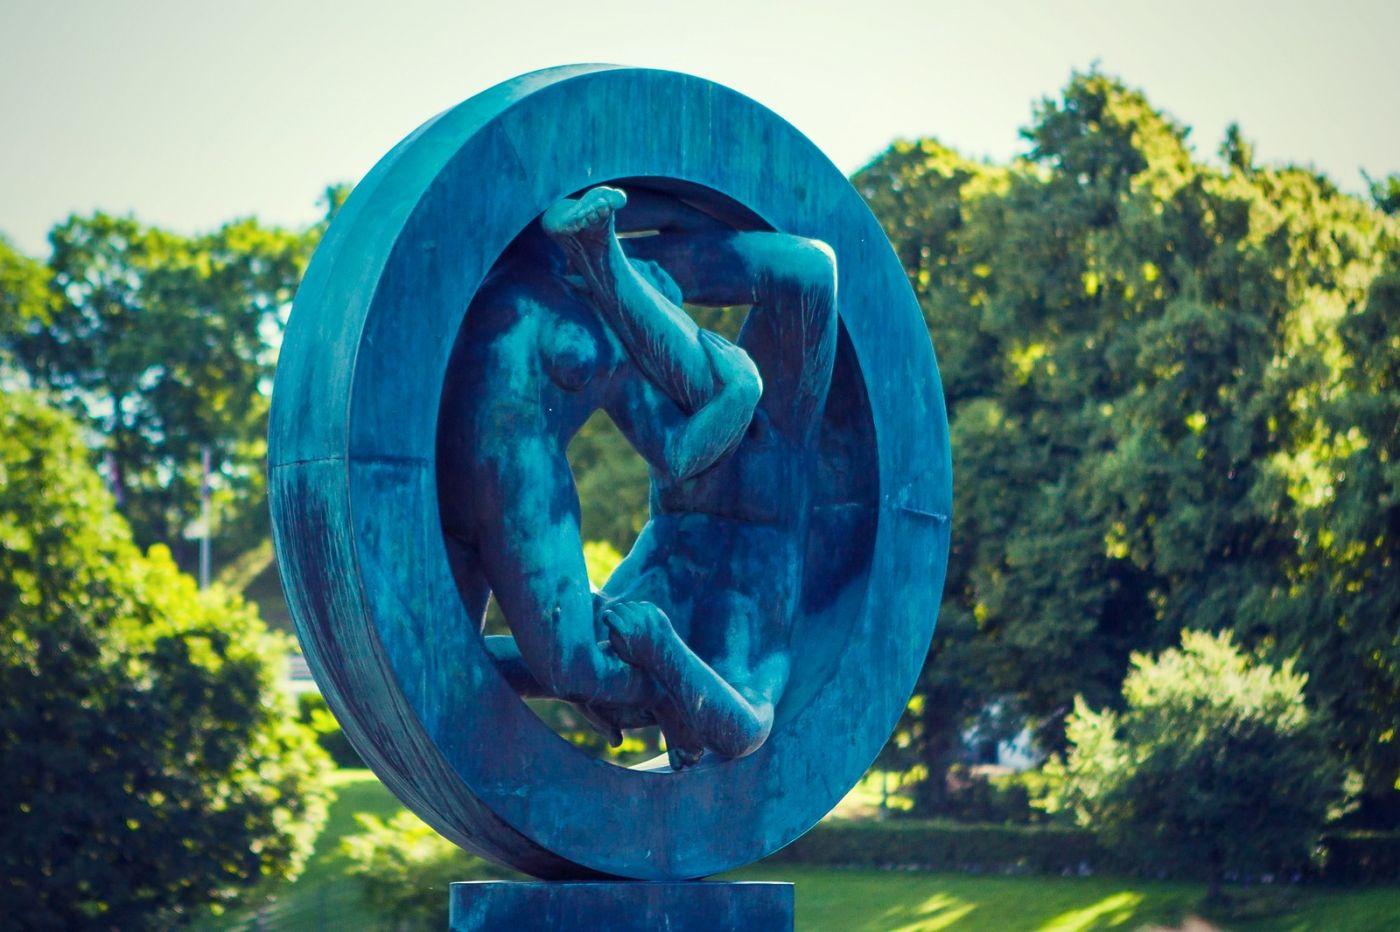 挪威维格兰雕塑公园,风格明显_图1-4